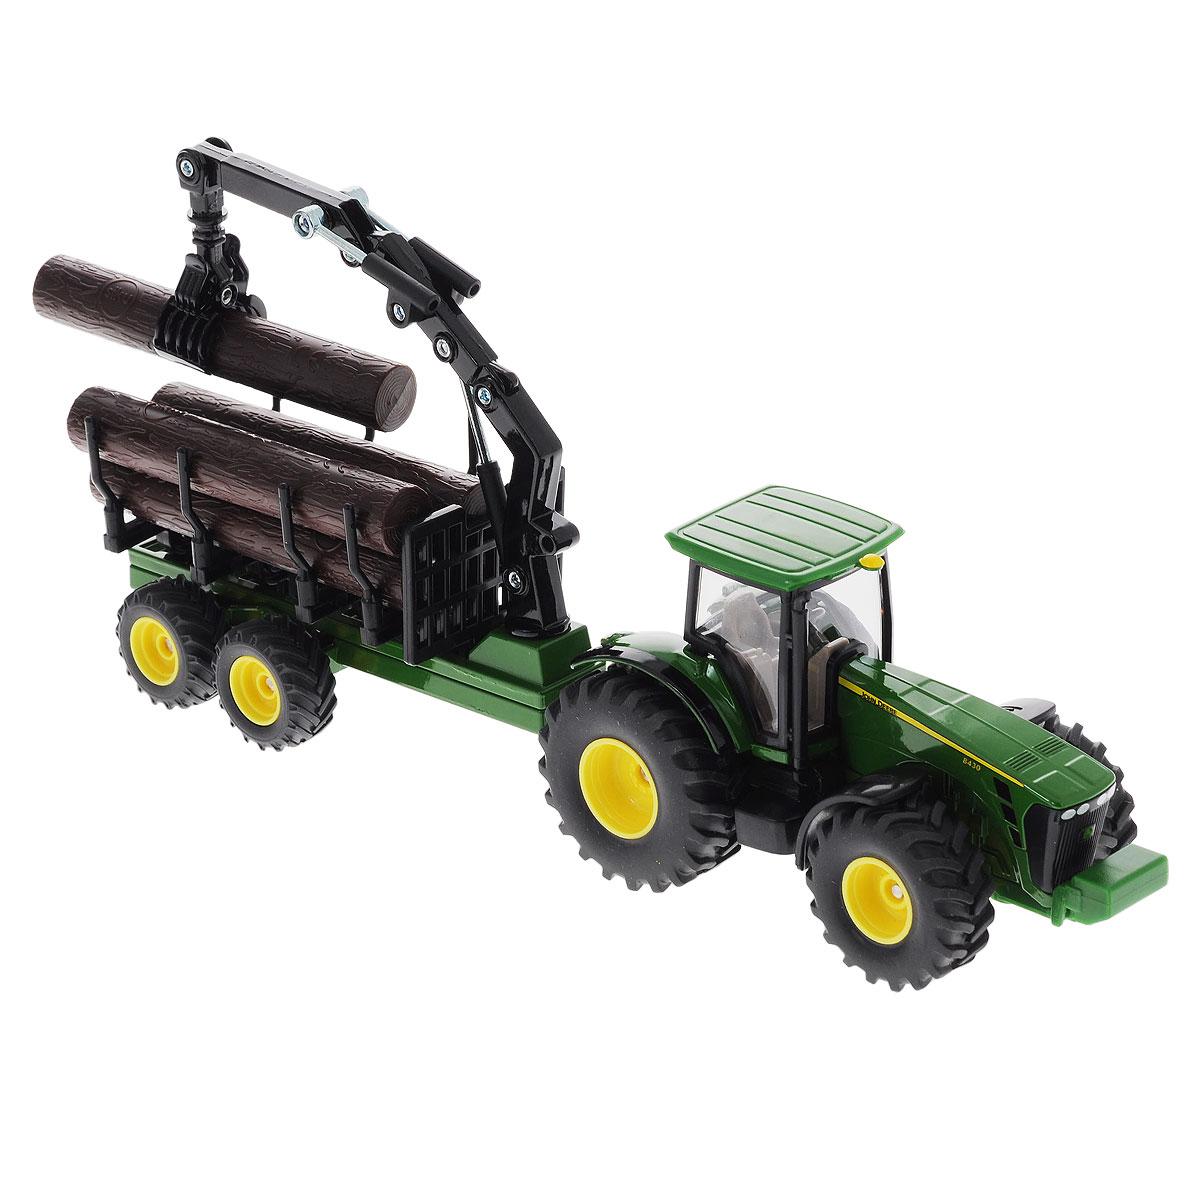 Siku Трактор-лесовоз John Deere 84301954Коллекционная модель Siku Трактор с прицепом-кузовом выполнена в виде точной копии трактора с прицепом в масштабе 1/50. Такая модель понравится не только ребенку, но и взрослому коллекционеру и приятно удивит вас высочайшим качеством исполнения. Корпус трактора и шасси прицепов выполнены из металла, кабина трактора из пластика, а стекла кабины трактора из прозрачного пластика. Прицеп кузова прицепляется к трактору с помощью дополнительного прицепа с седельным сцепным устройством. Кабина трактора снимается. Колёса выполнены из резины и вращаются. Передняя часть погрузчика поворачивается, стрела и ковш поднимаются и опускаются. Коллекционная модель отличается великолепным качеством исполнения и детальной проработкой, она станет не только интересной игрушкой для ребенка, интересующегося агротехникой, но и займет достойное место в коллекции.